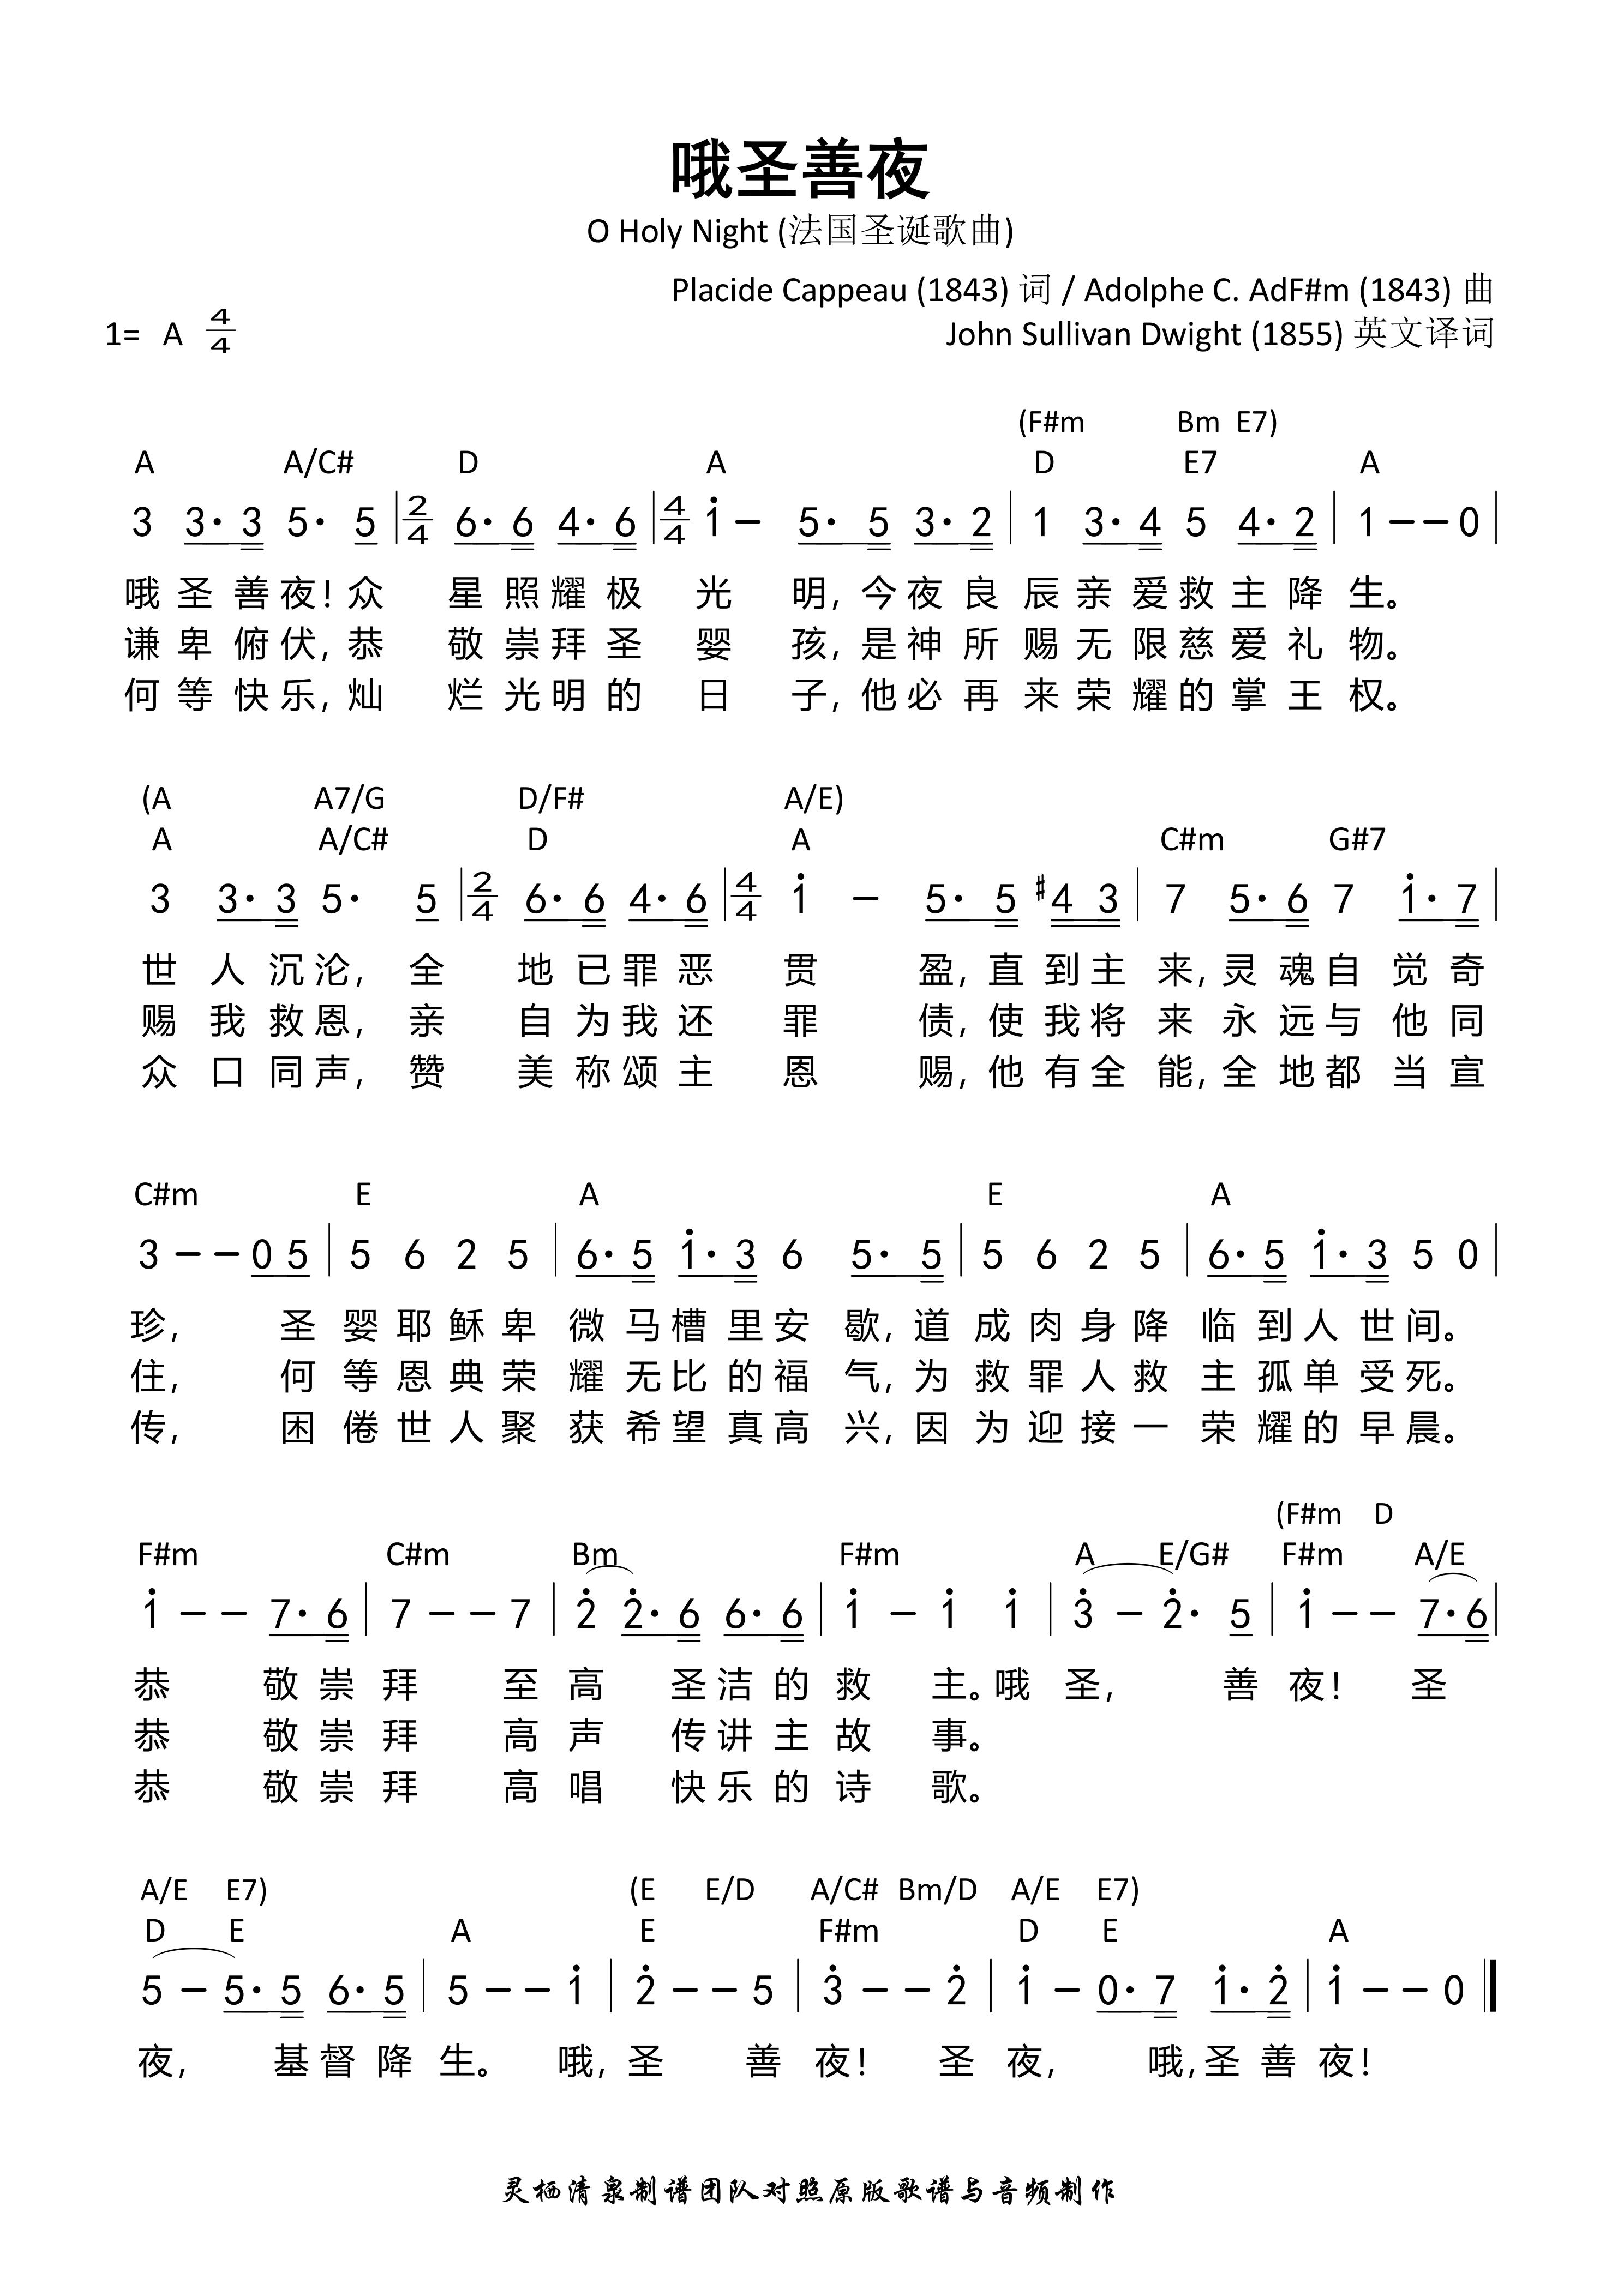 《哦圣善夜(A调) 和弦简谱》